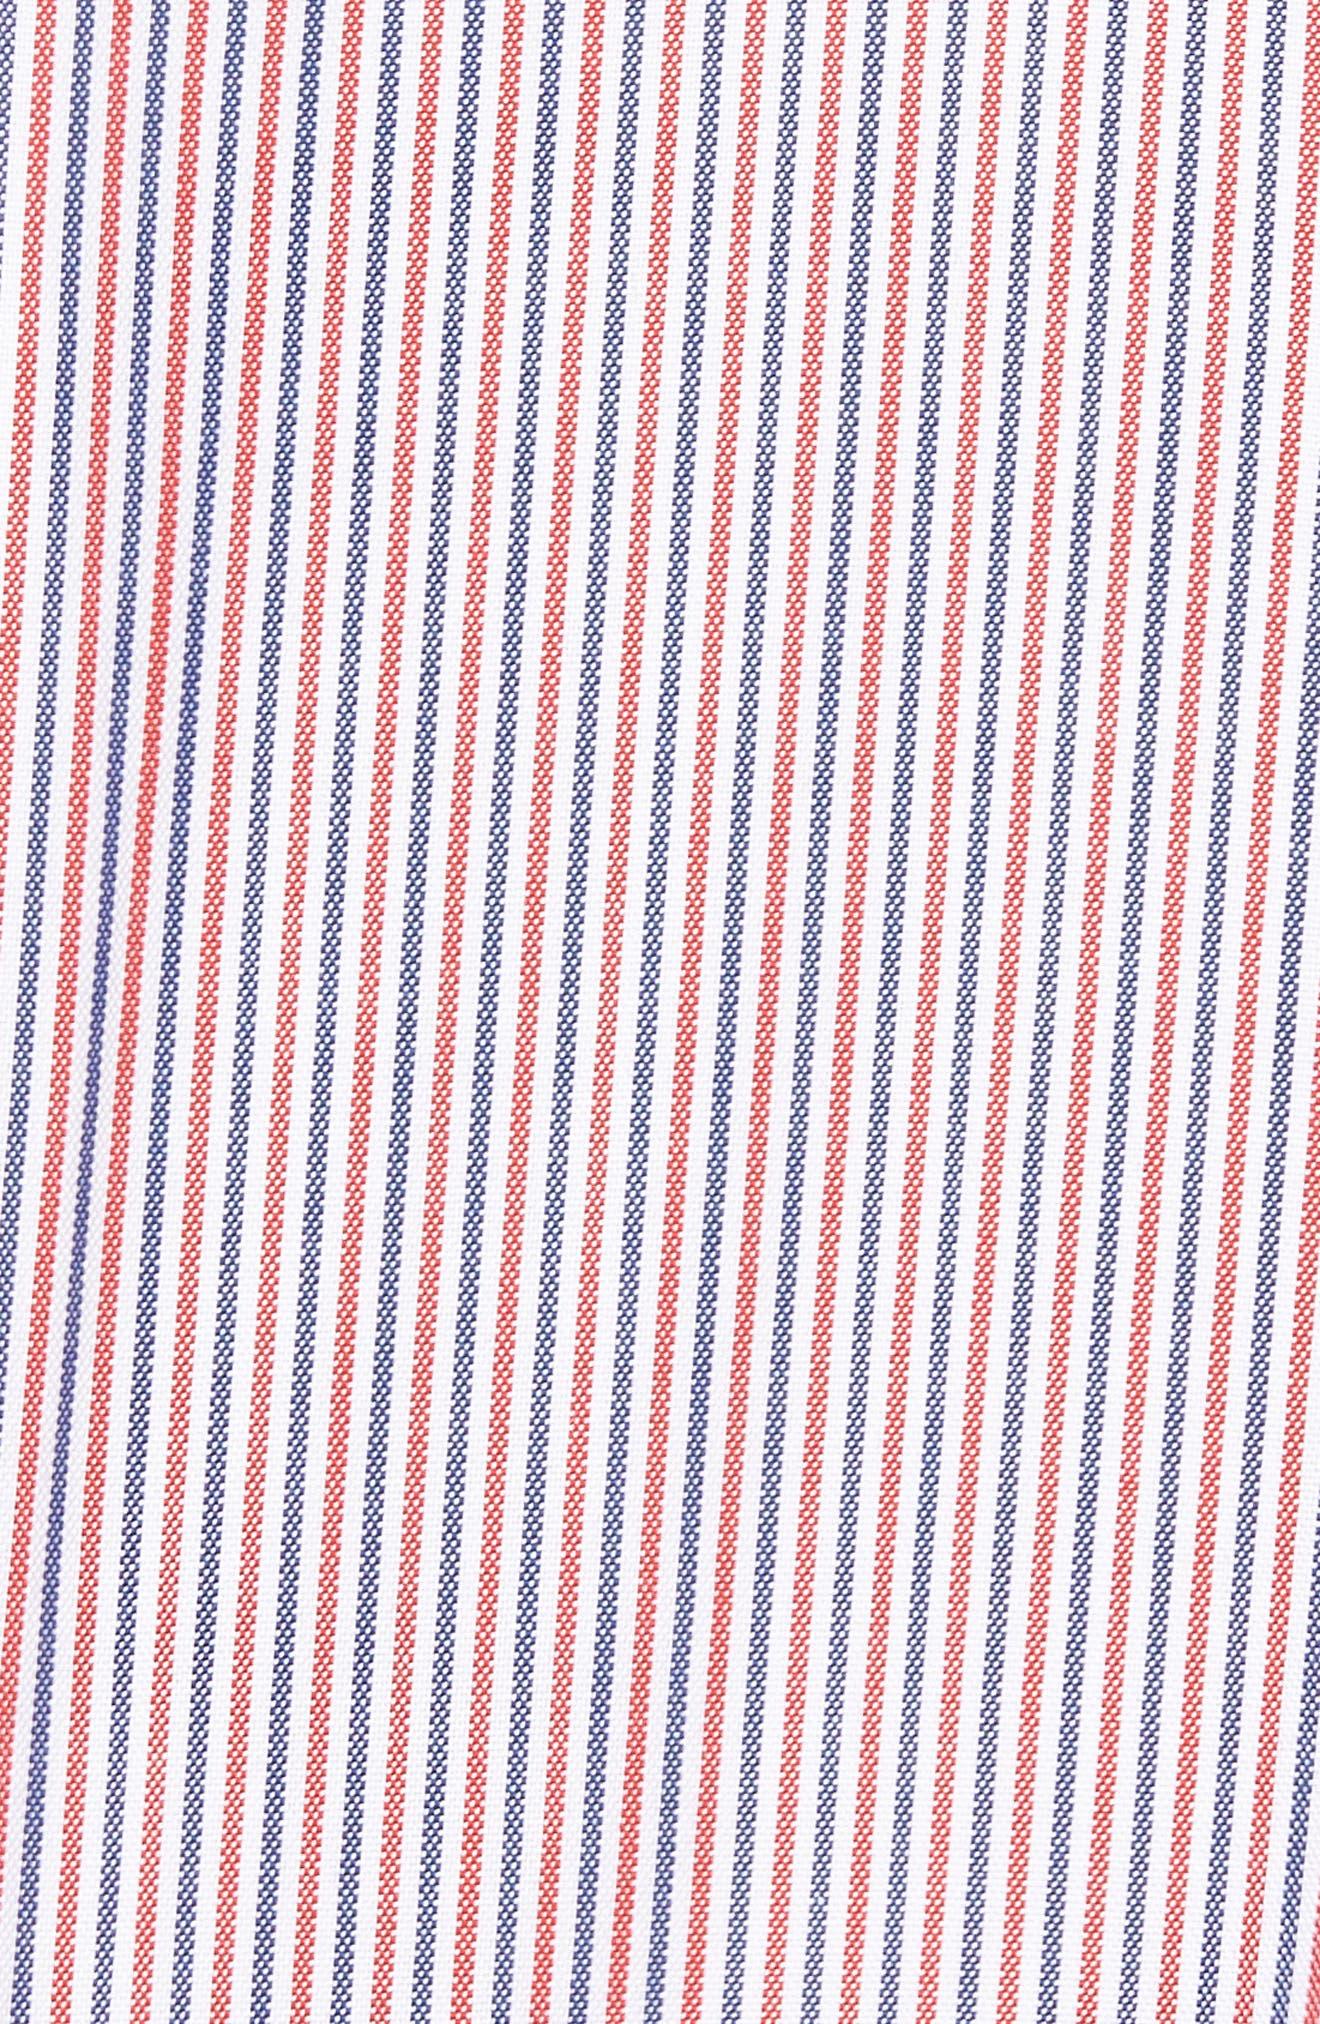 Button-Down Sport Shirt,                             Alternate thumbnail 5, color,                             Cherry Red/ Methylene-White